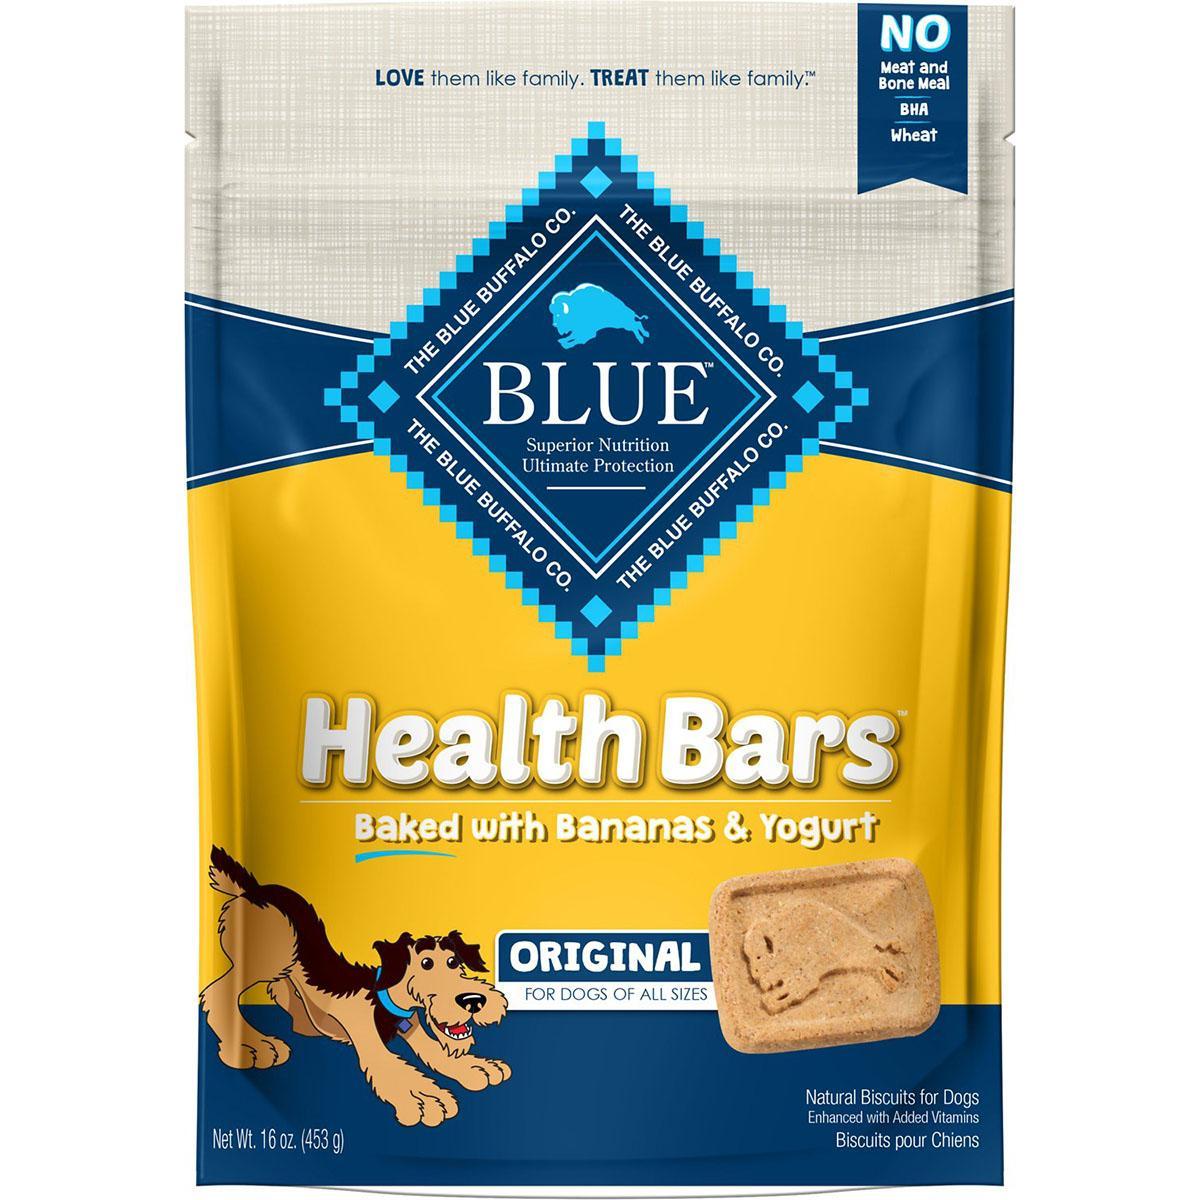 Blue Buffalo Health Bars Baked with Banana & Yogurt Dog Treats